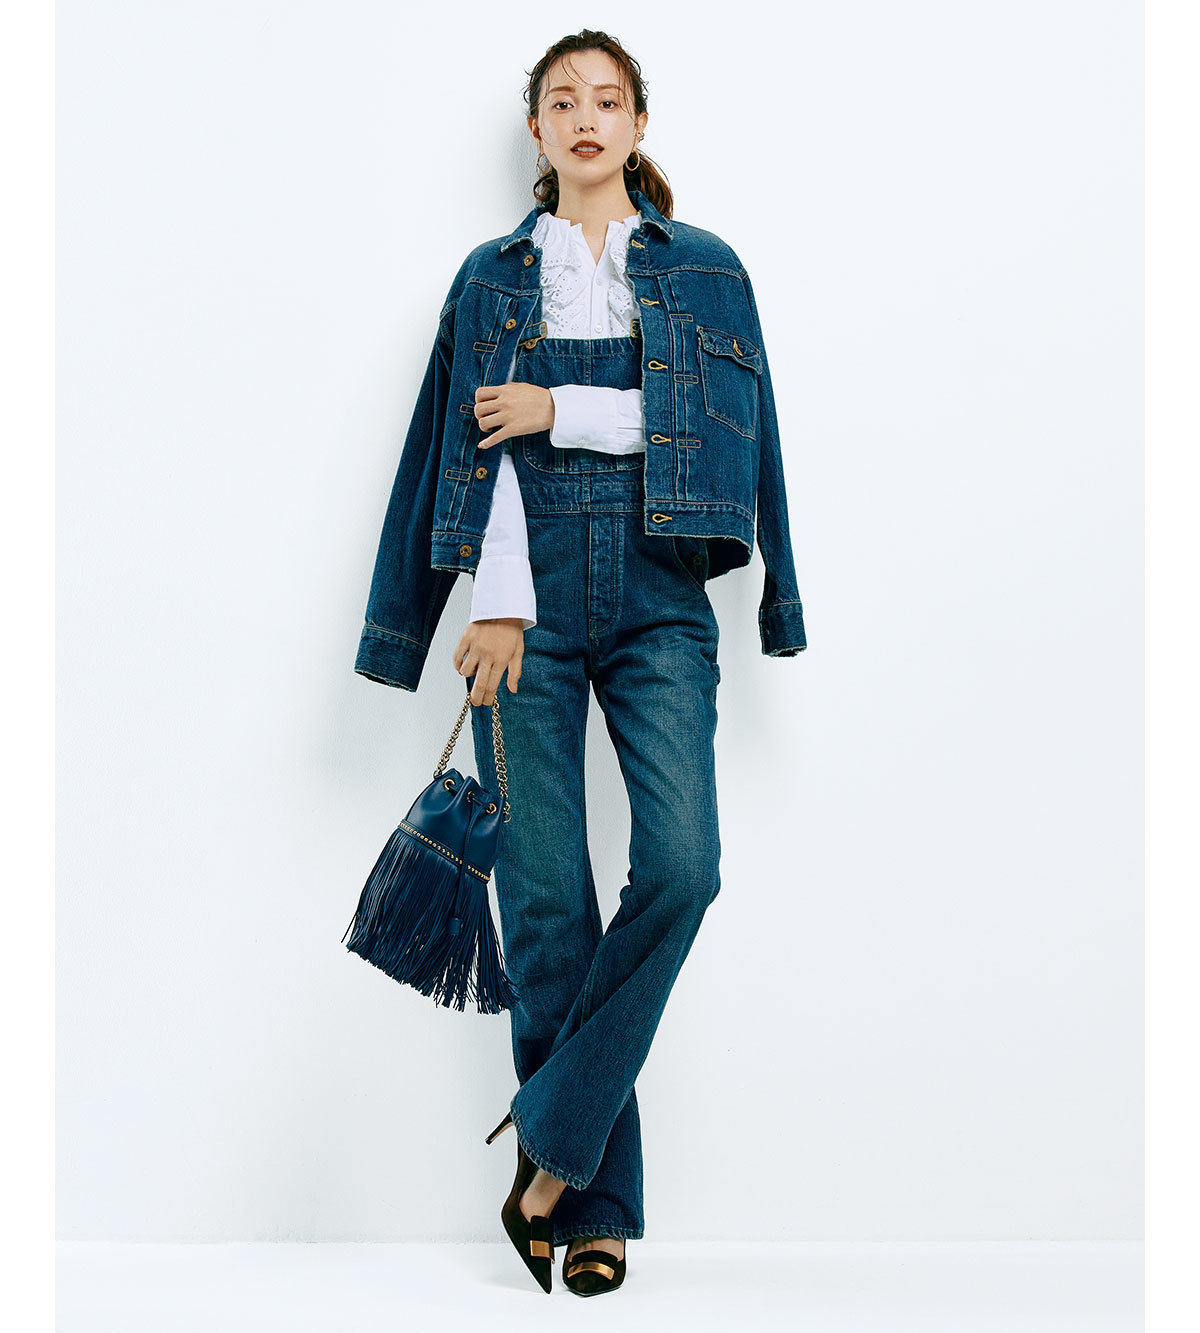 モデル・蛯原友里さんがジャケットとオーバーオールのデニムアップコーデを着用